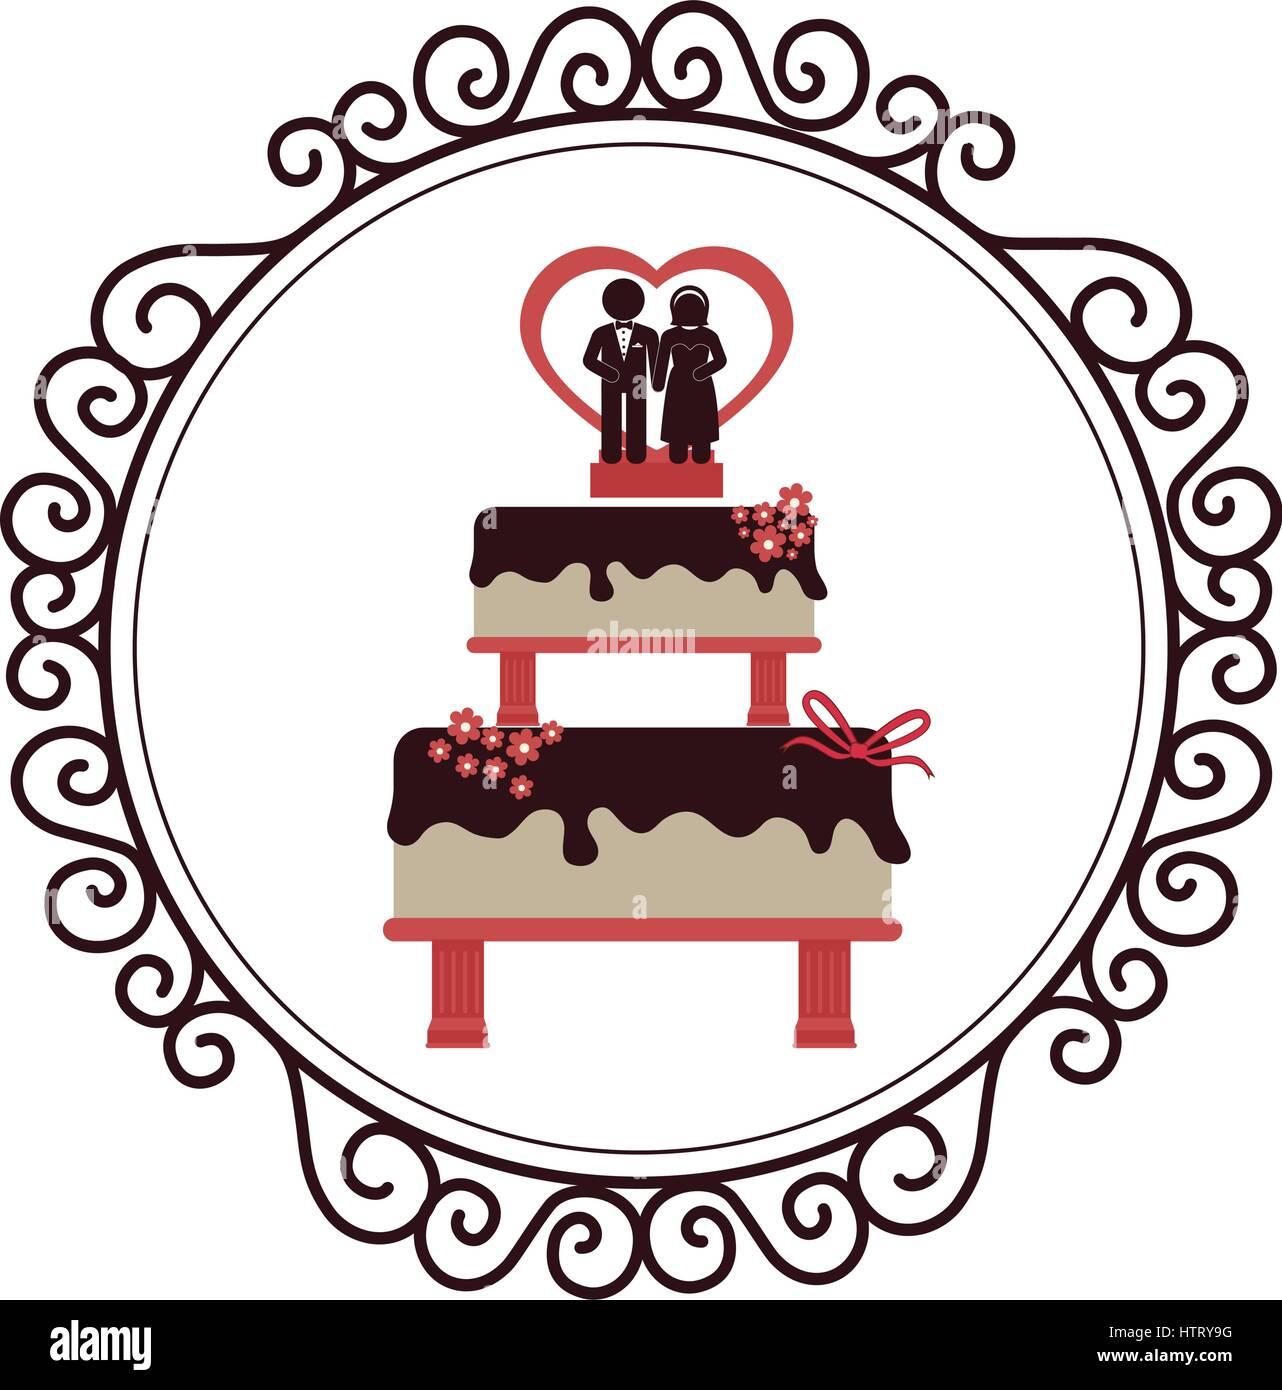 Wedding delicious cake icon stock vector art illustration wedding delicious cake icon buycottarizona